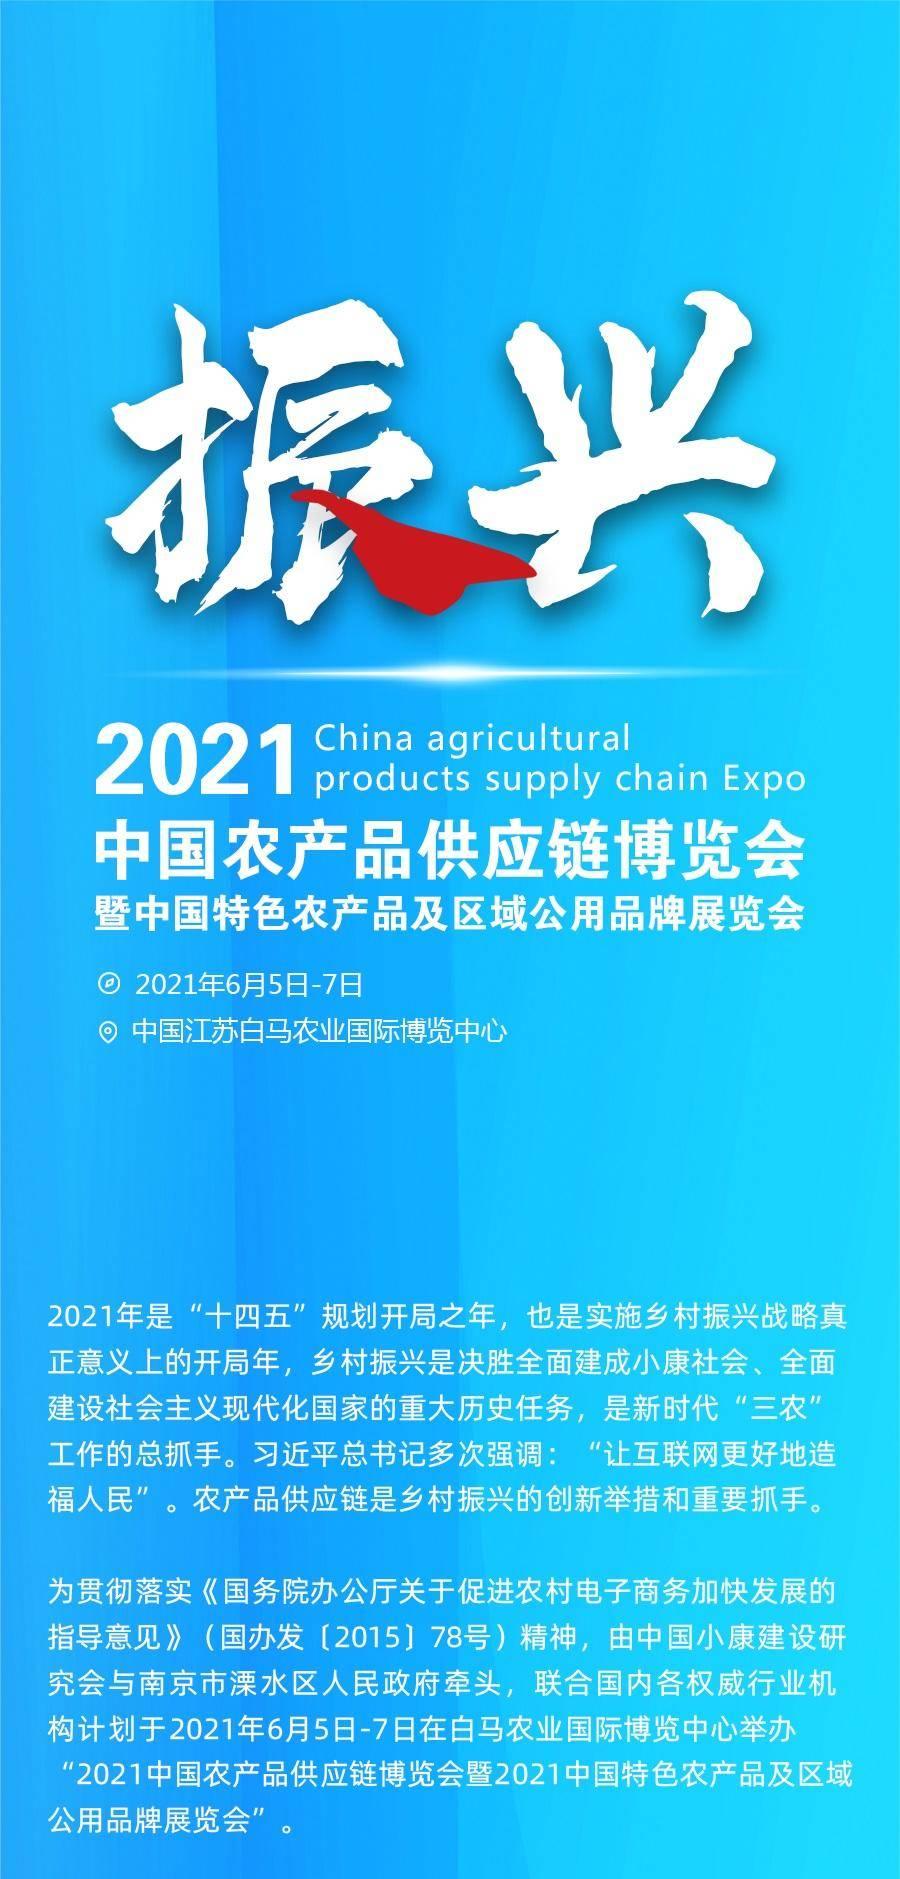 振兴2021中国农产品供应链博览会